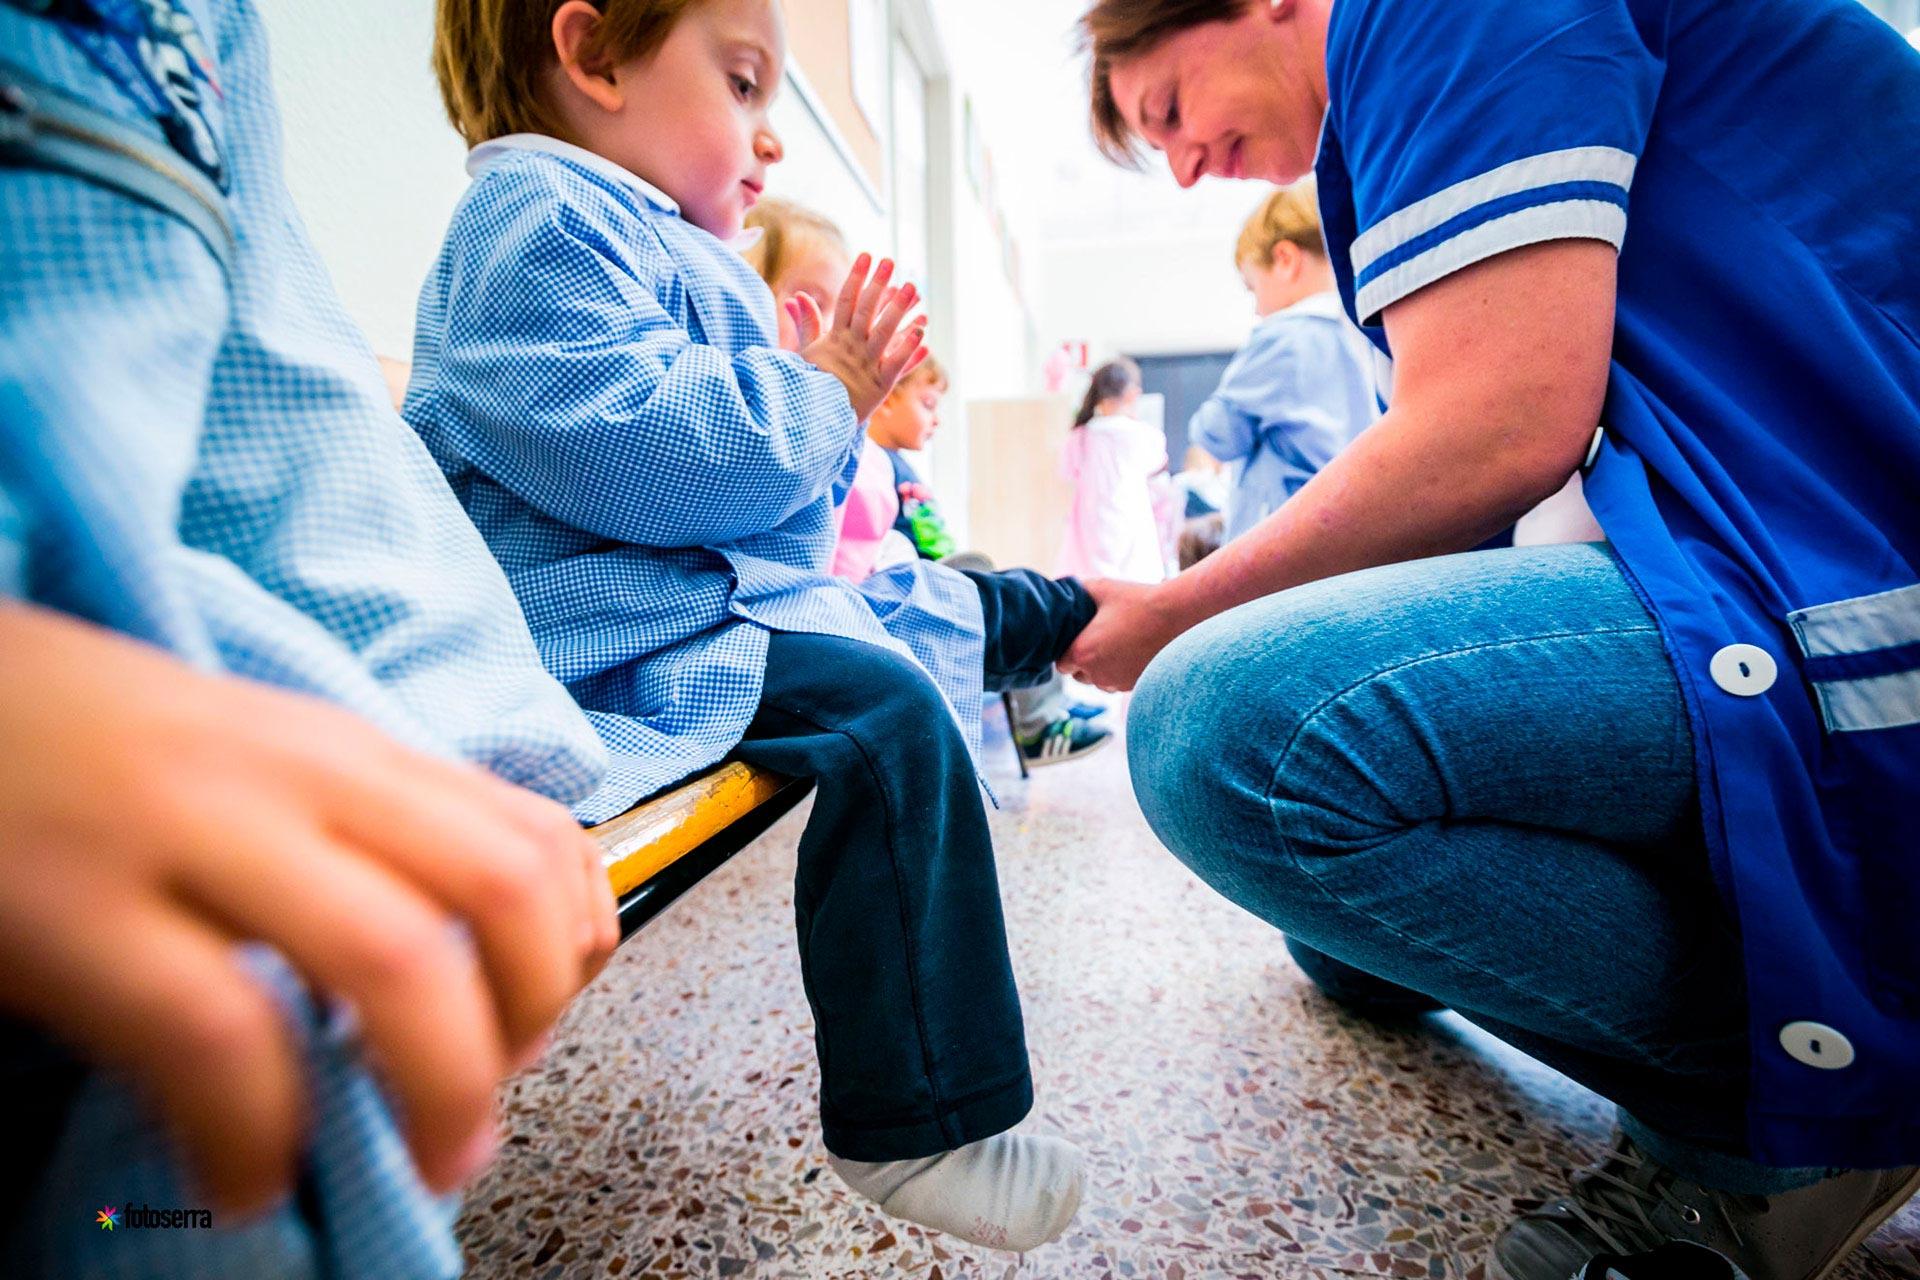 Nido del Collegio Villoresi: educatrice aiuta un bambino a vestirsi